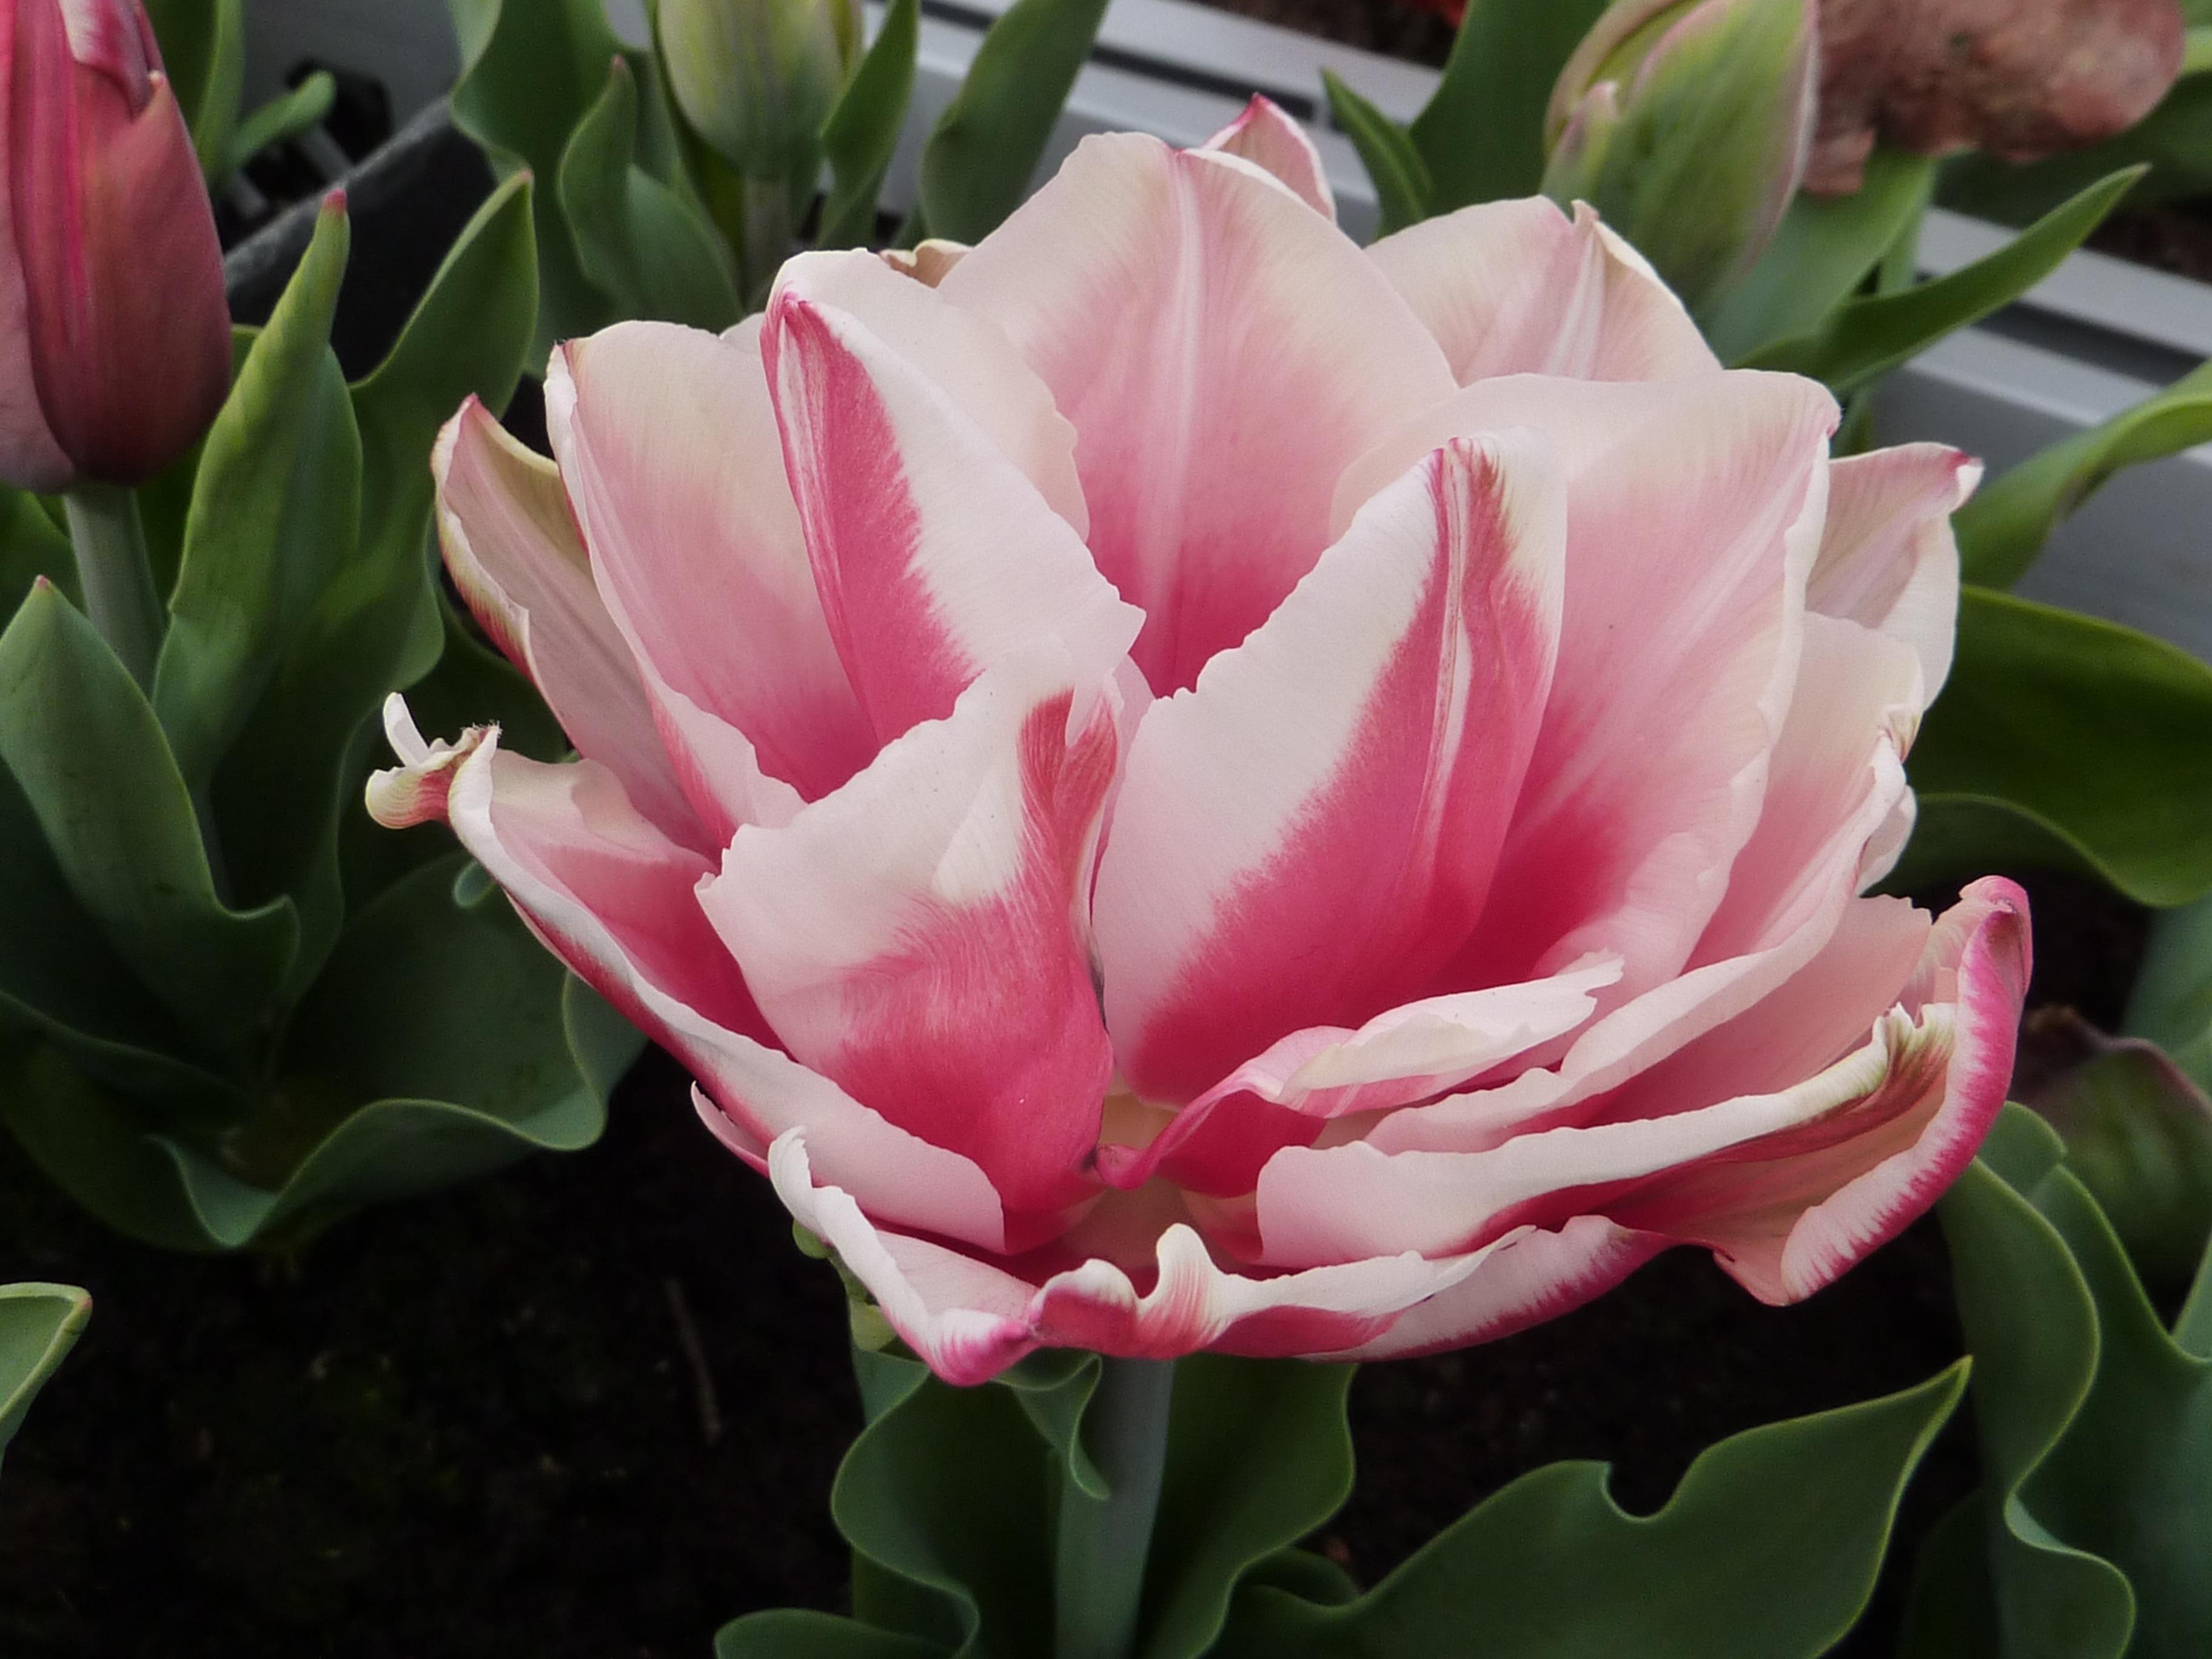 images gratuites fleur p tale tulipe botanique rose flore pivoine plante fleurs. Black Bedroom Furniture Sets. Home Design Ideas